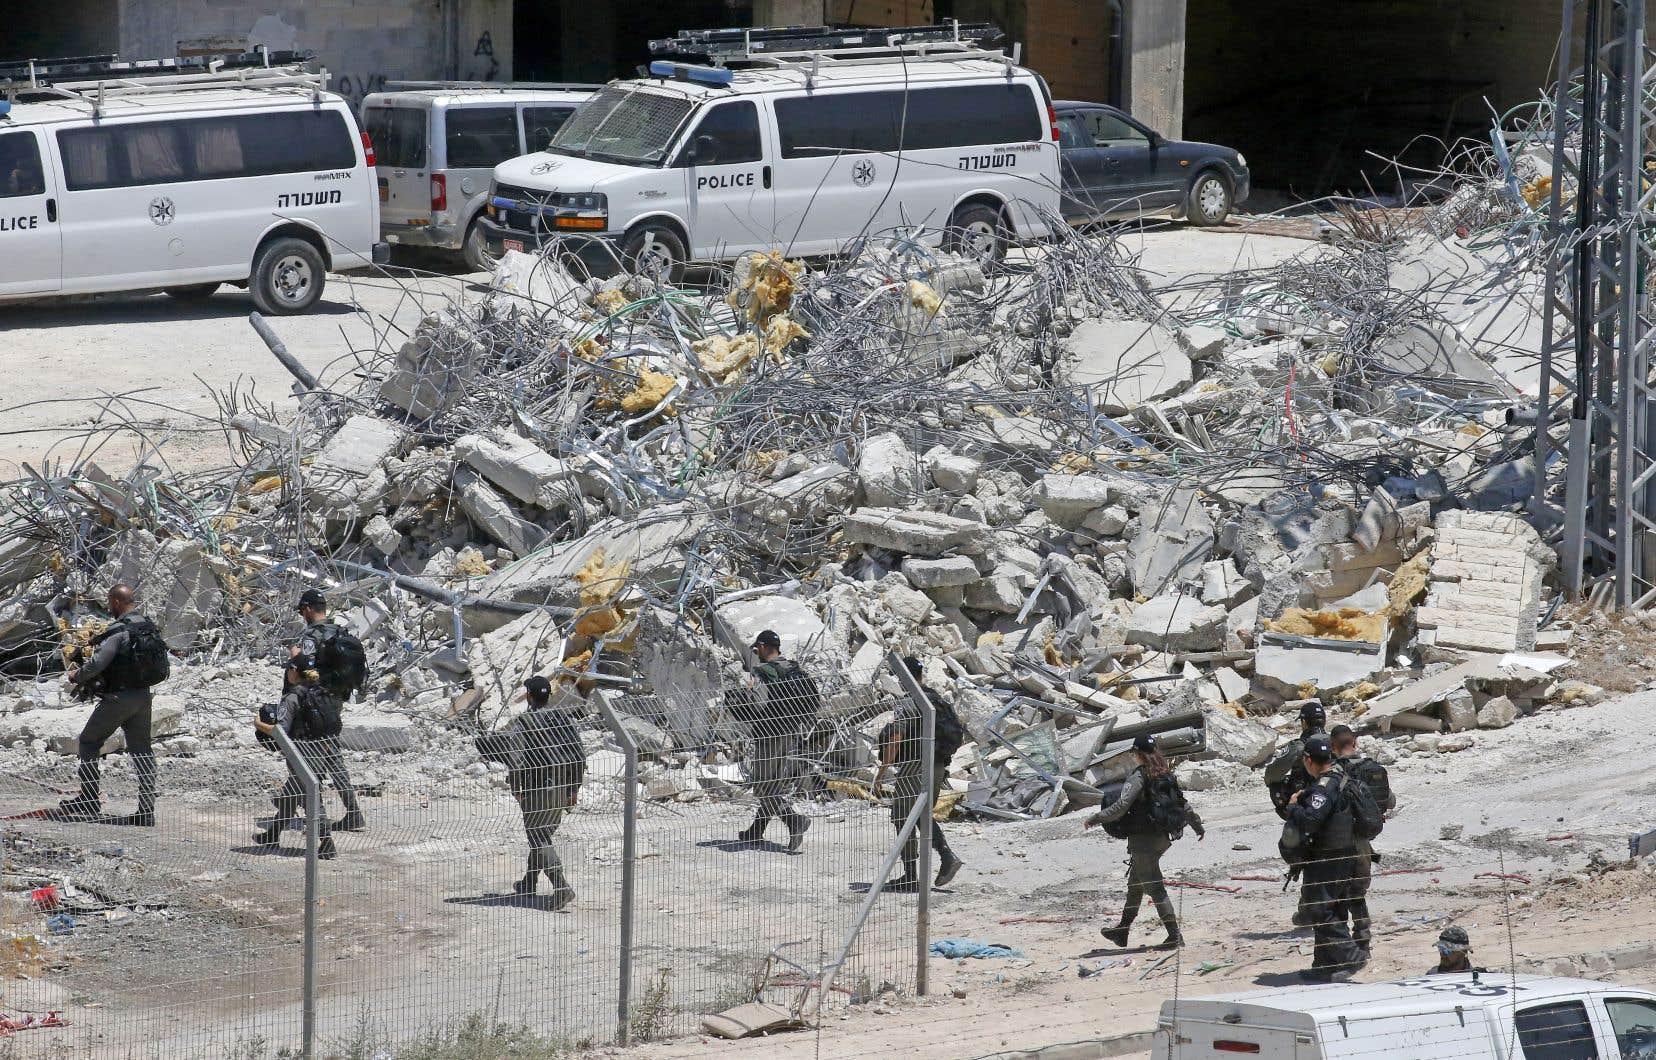 Des forces de sécurité israéliennes passaient lundi près de logements palestiniens démolis dans le village de Dar Salah, dans la bande de Gaza.